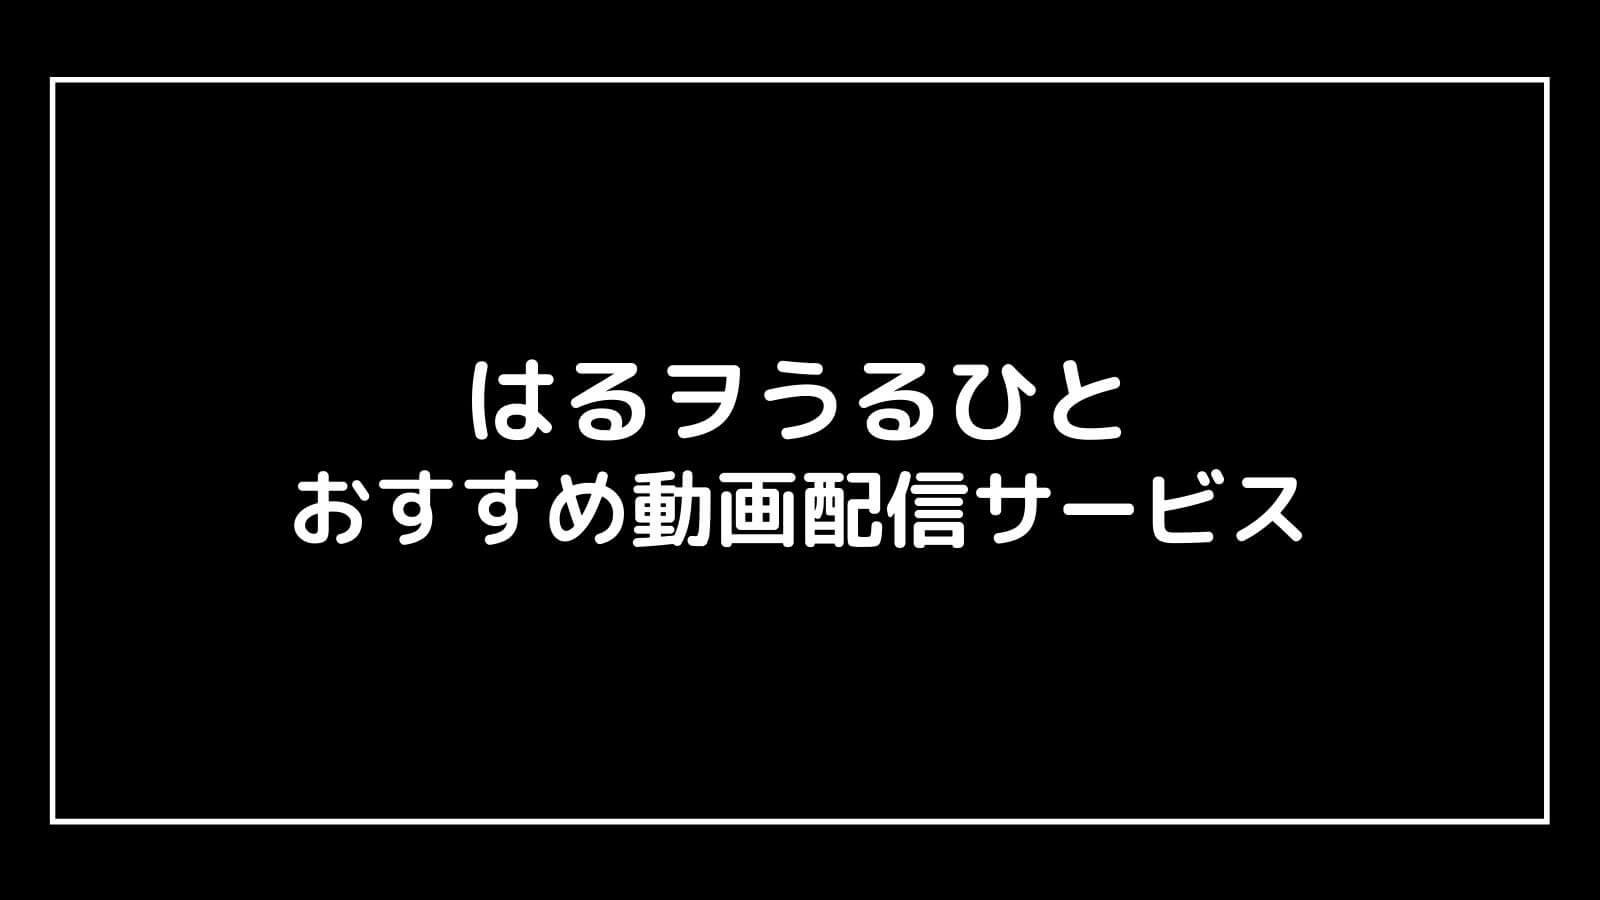 映画『はるヲうるひと』の配信を無料視聴できるおすすめ動画配信サイト